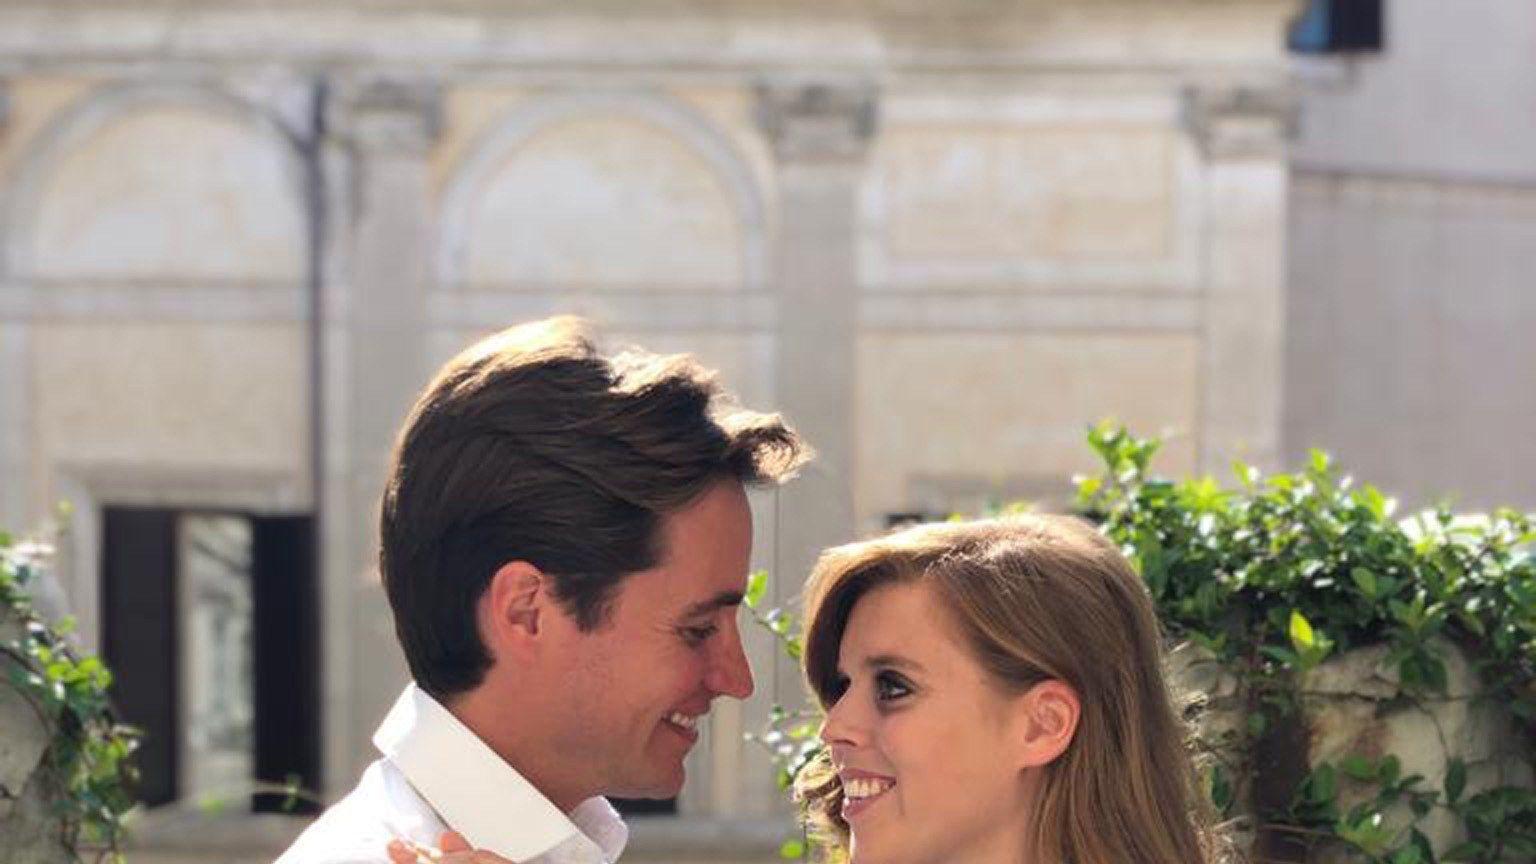 Prinzessin Beatrice Uberraschende Verlobungsfeier Nach Dem Weihnachtsessen Prinzessin Beatrice Beatrice Von York Prinzessin Eugenie